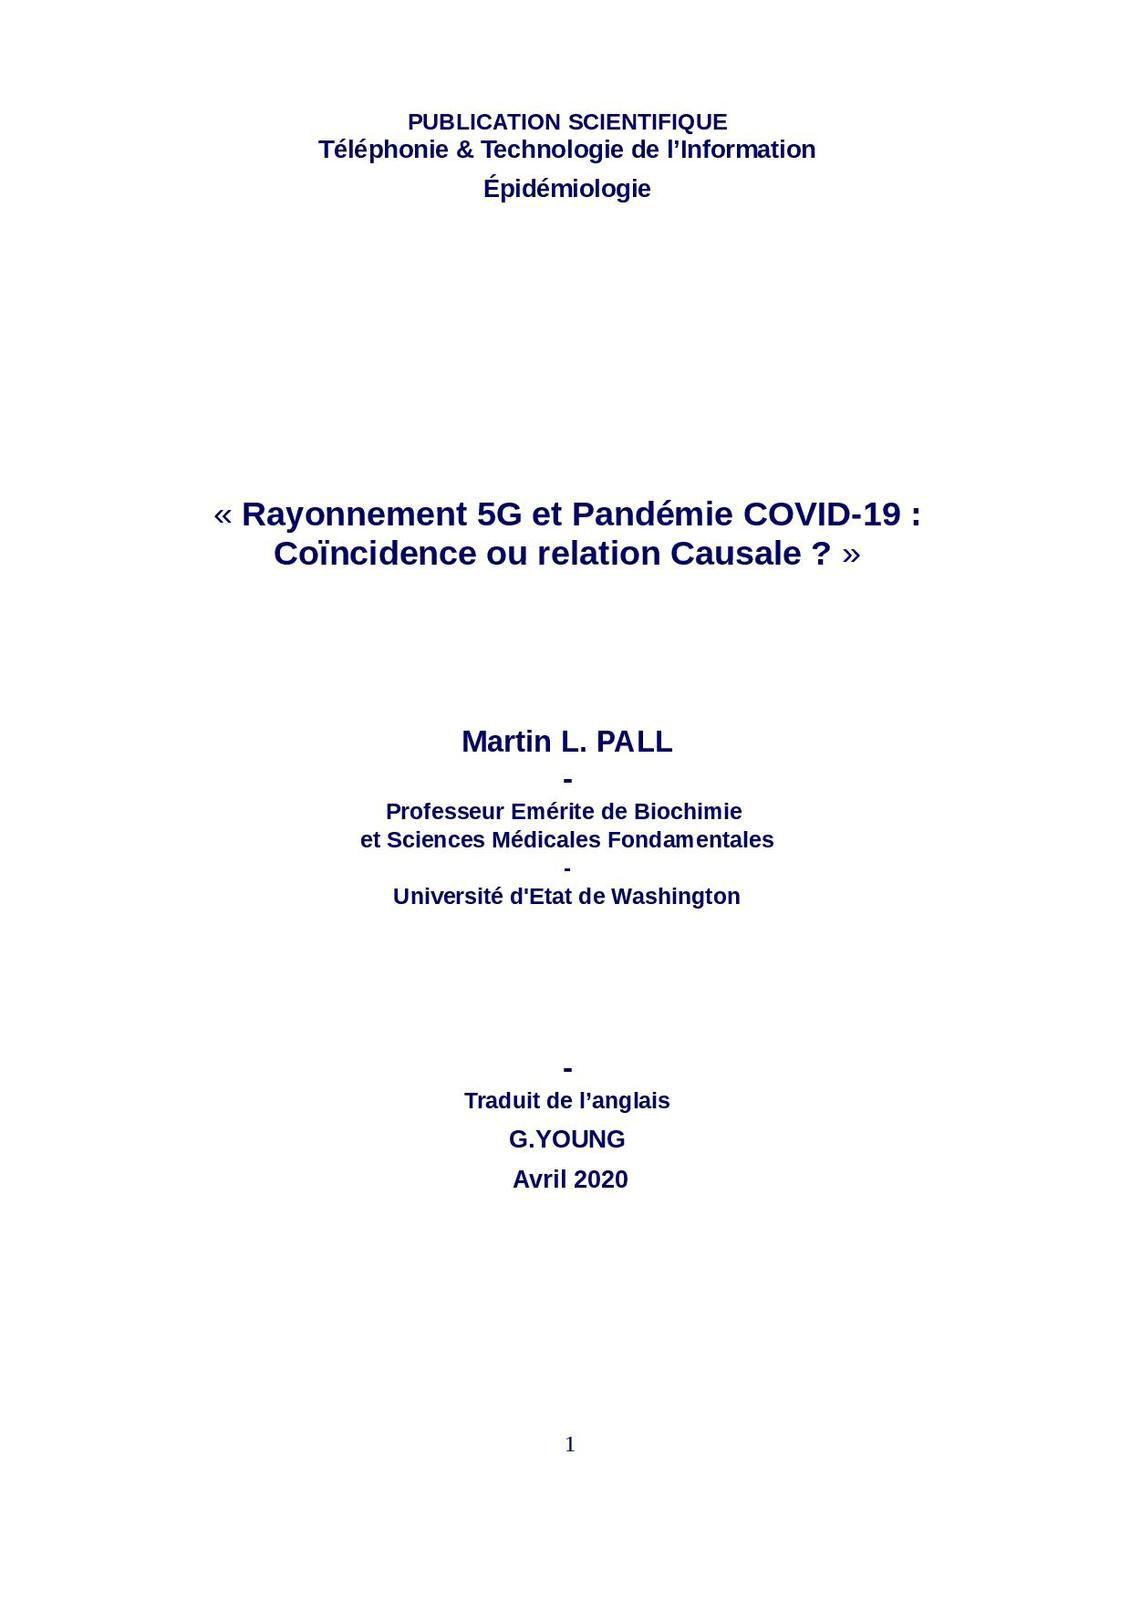 """PUBLICATION SCIENTIFIQUE """"Rayonnement 5G et Pandémie COVID-19 : Coïncidence ou relation Causale ?"""""""